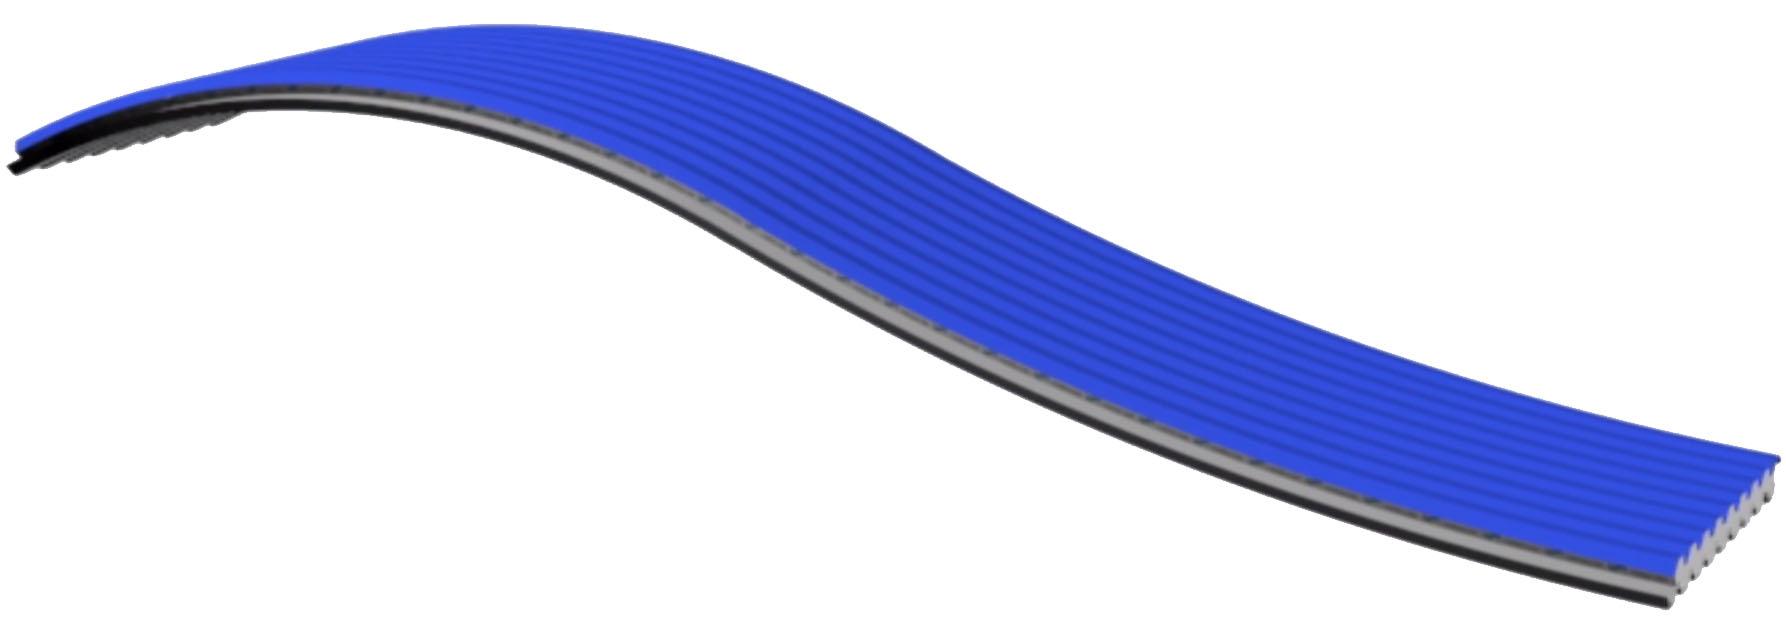 Pannelli coibentato curvo panel C GG curvo controcurvo